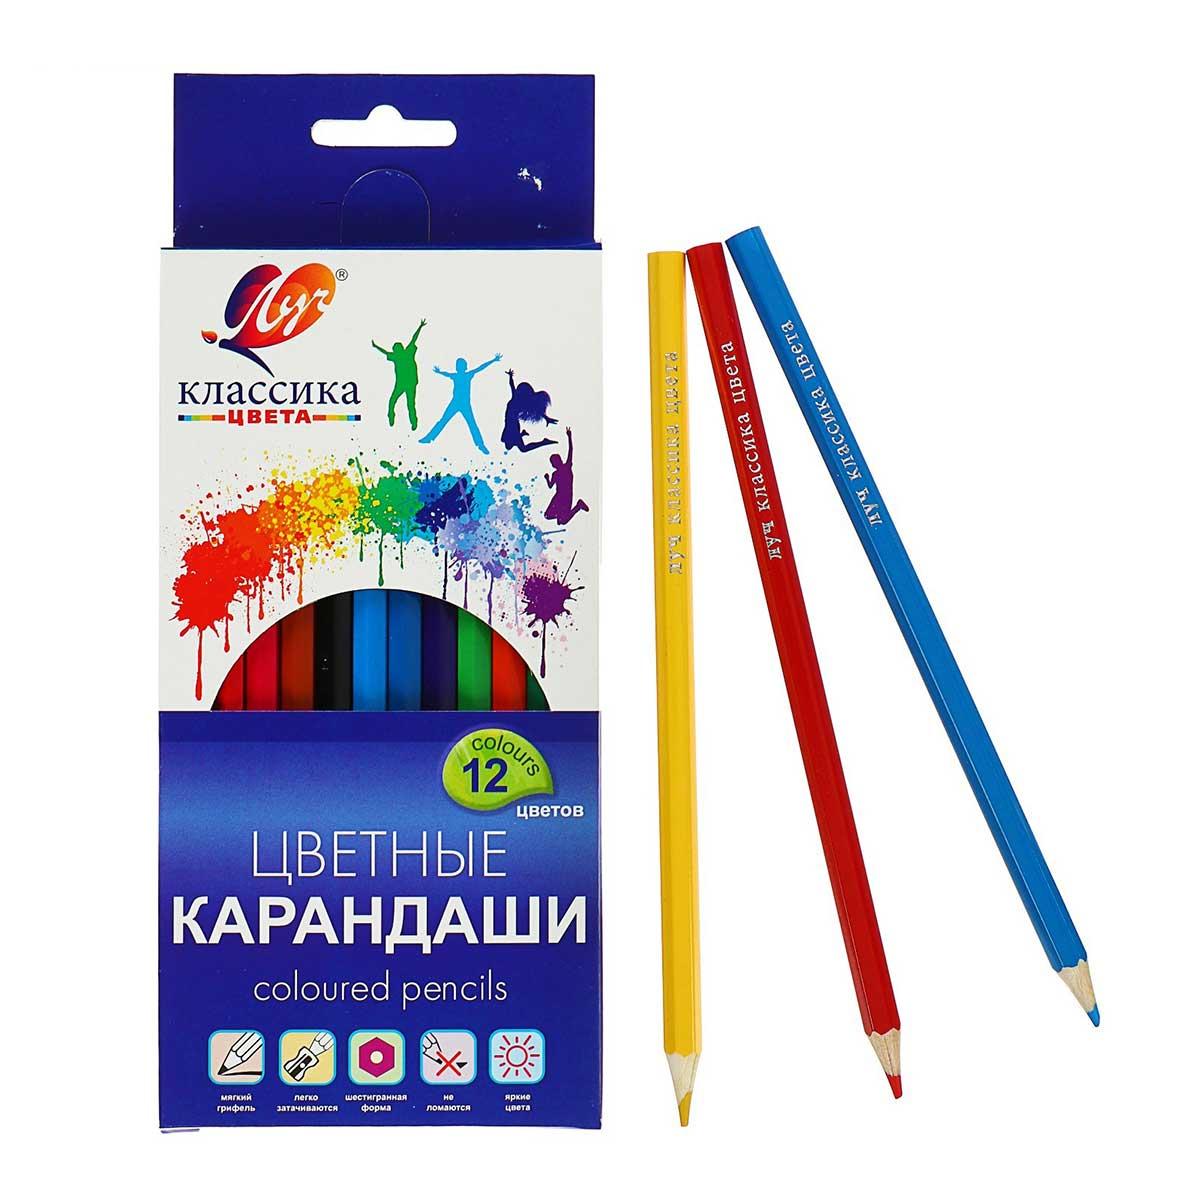 29С 1710-08 Карандаши цветные шестигранные 'Классика' 12 цветов (деревянные)